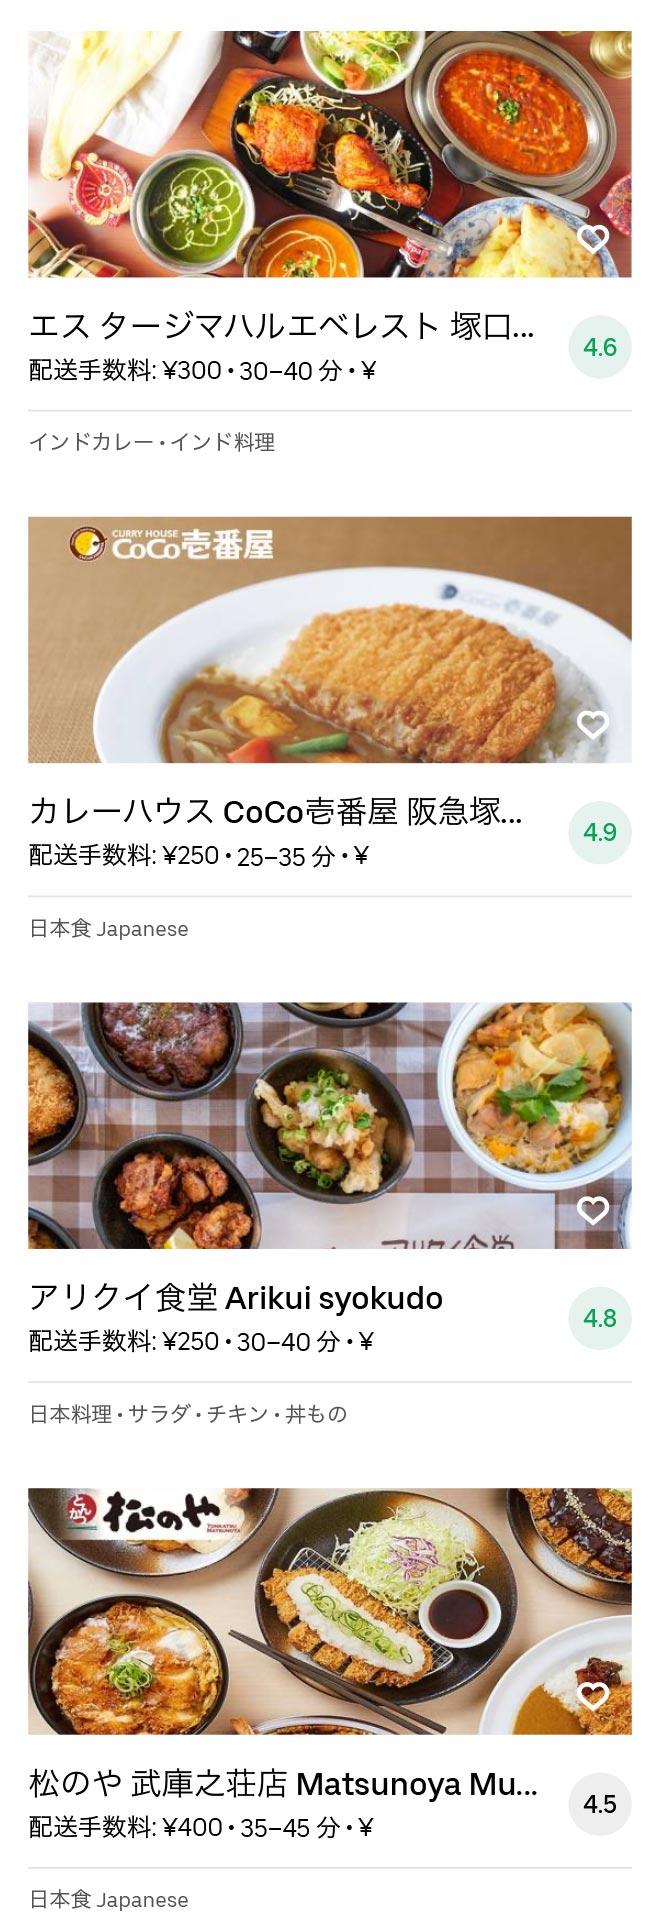 Itami menu 2007 05